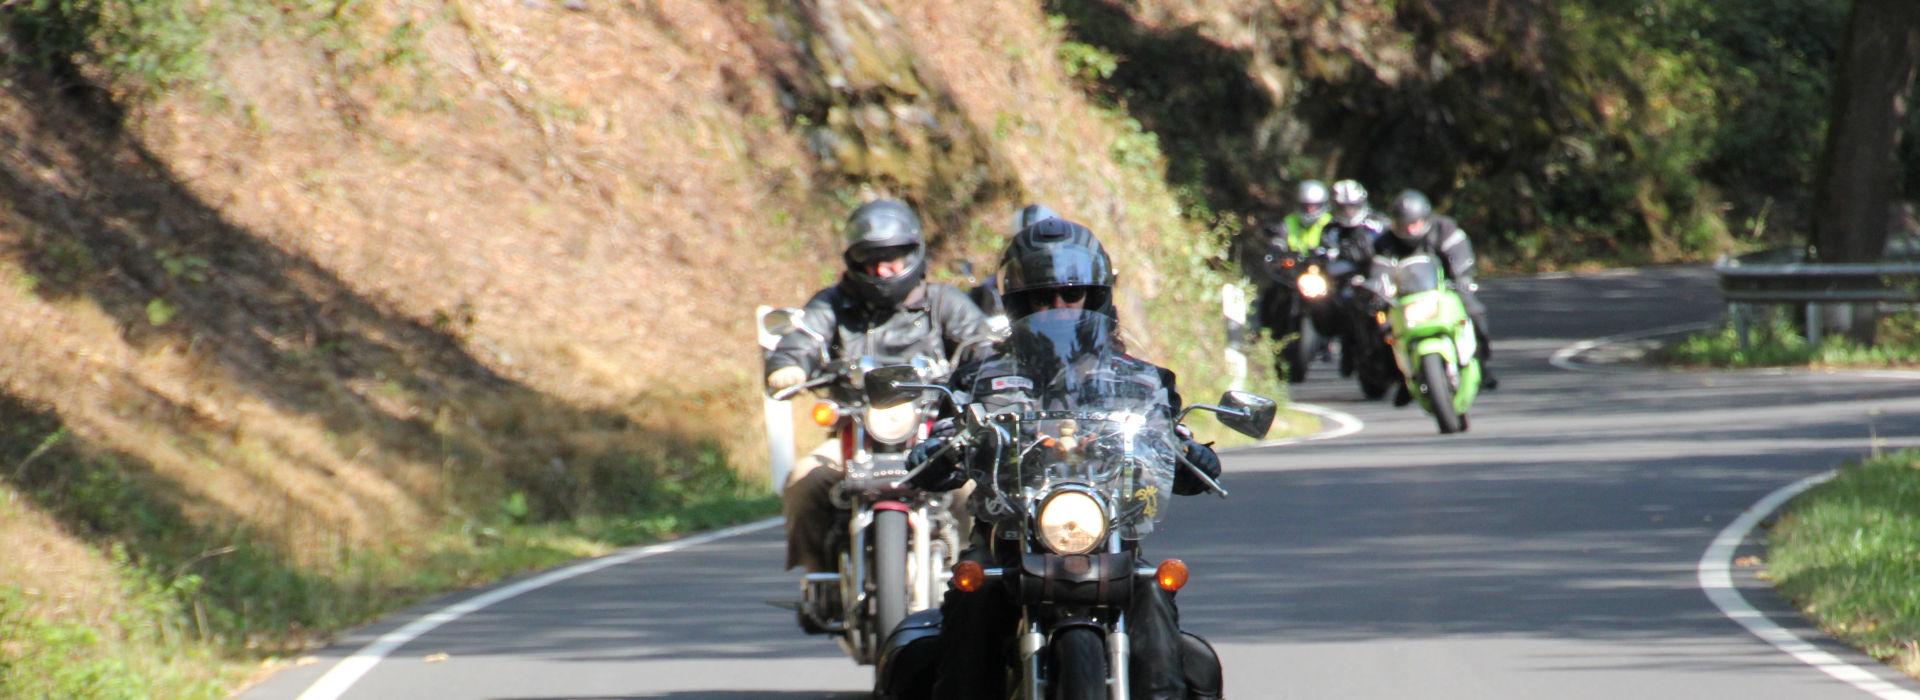 Motorrijbewijspoint Opmeer spoed motorrijbewijs